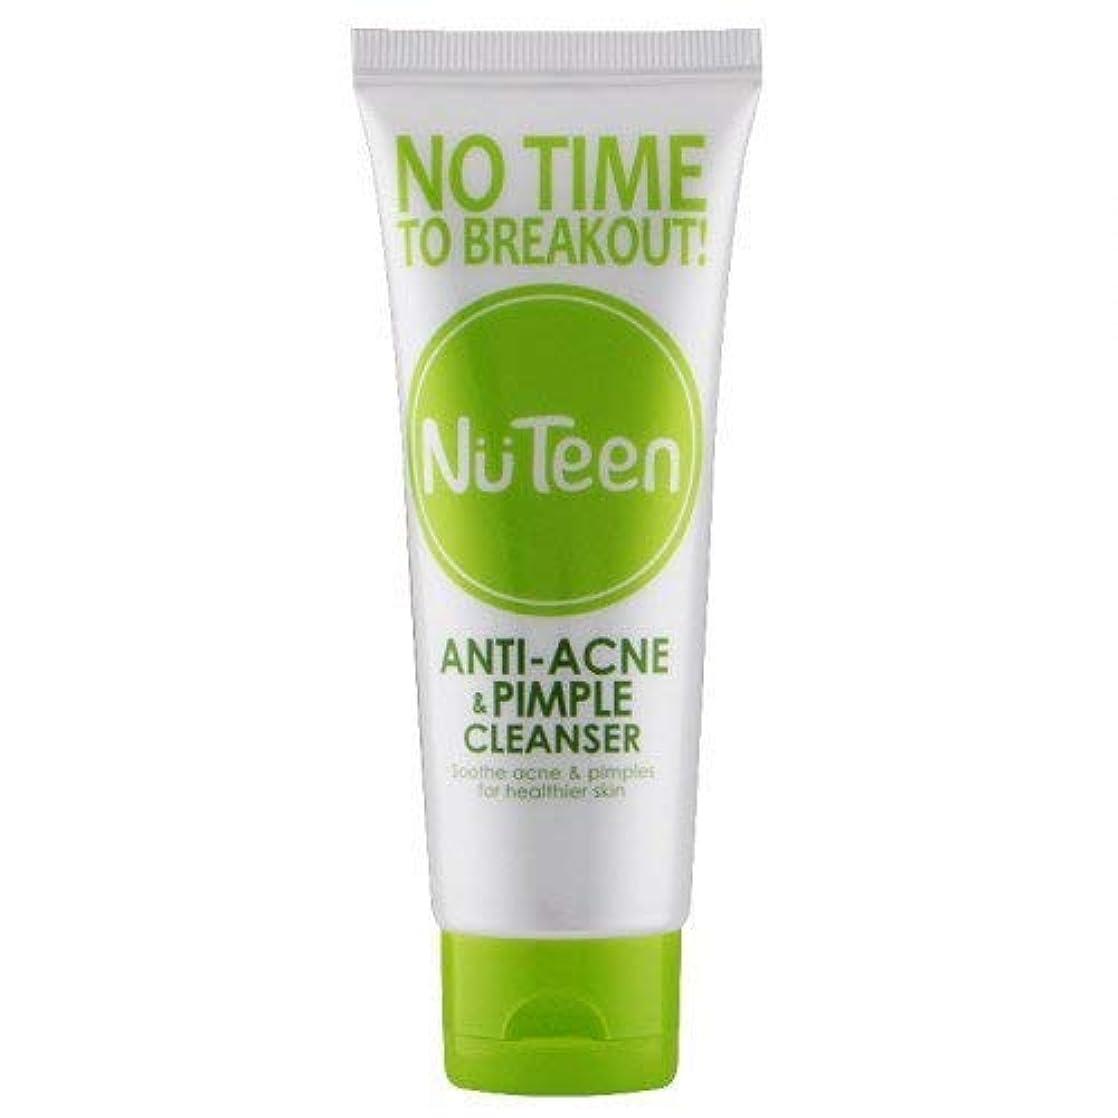 難民ワイプ硬いNuteen 抗ニキビや吹き出物洗顔料は優しく効果的にきれい100g-乾燥せずに余分な油や汚れを取り除きます